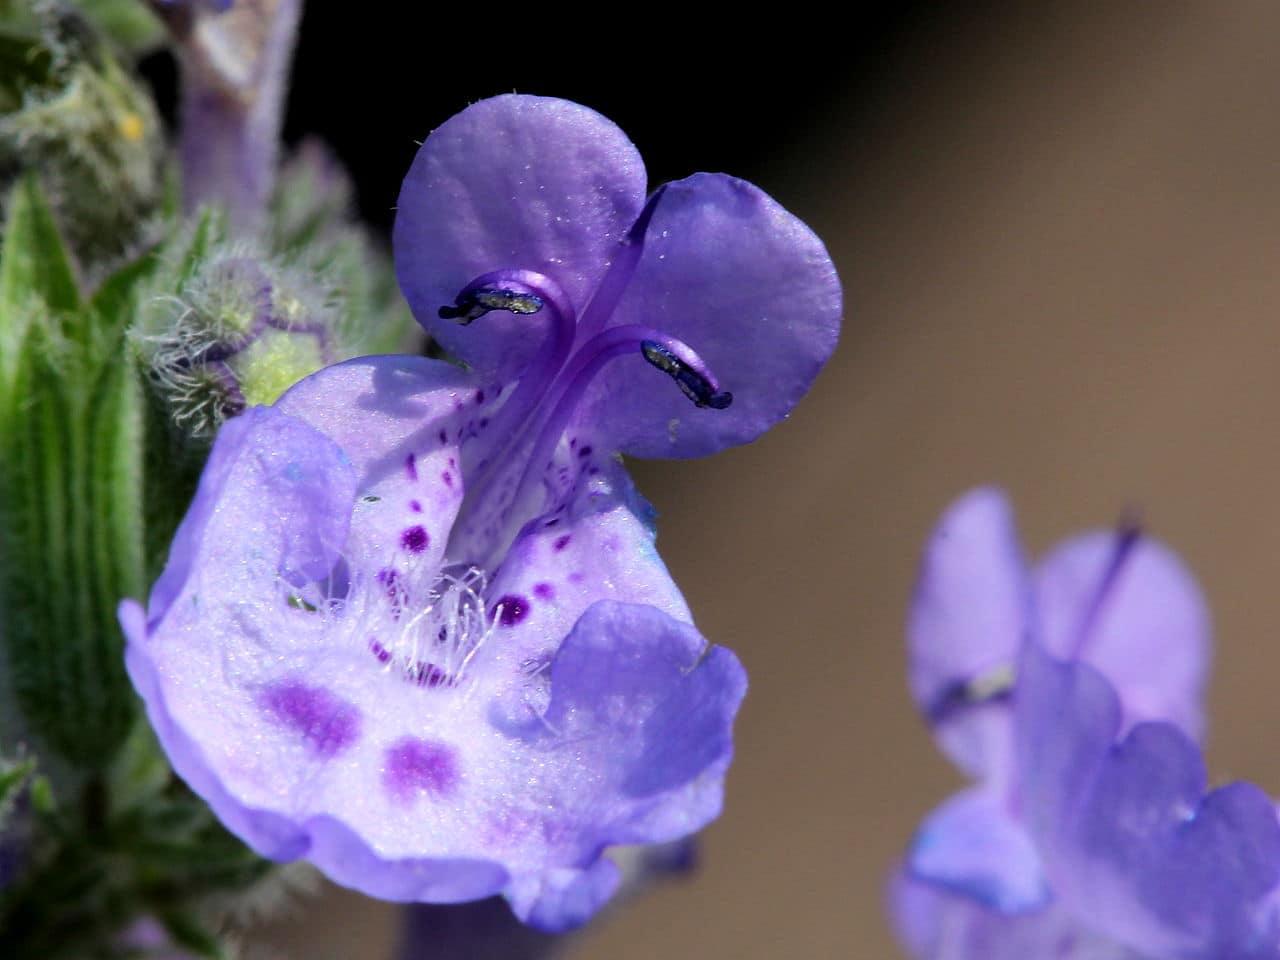 Las flores de la Nepeta cataria son lilas